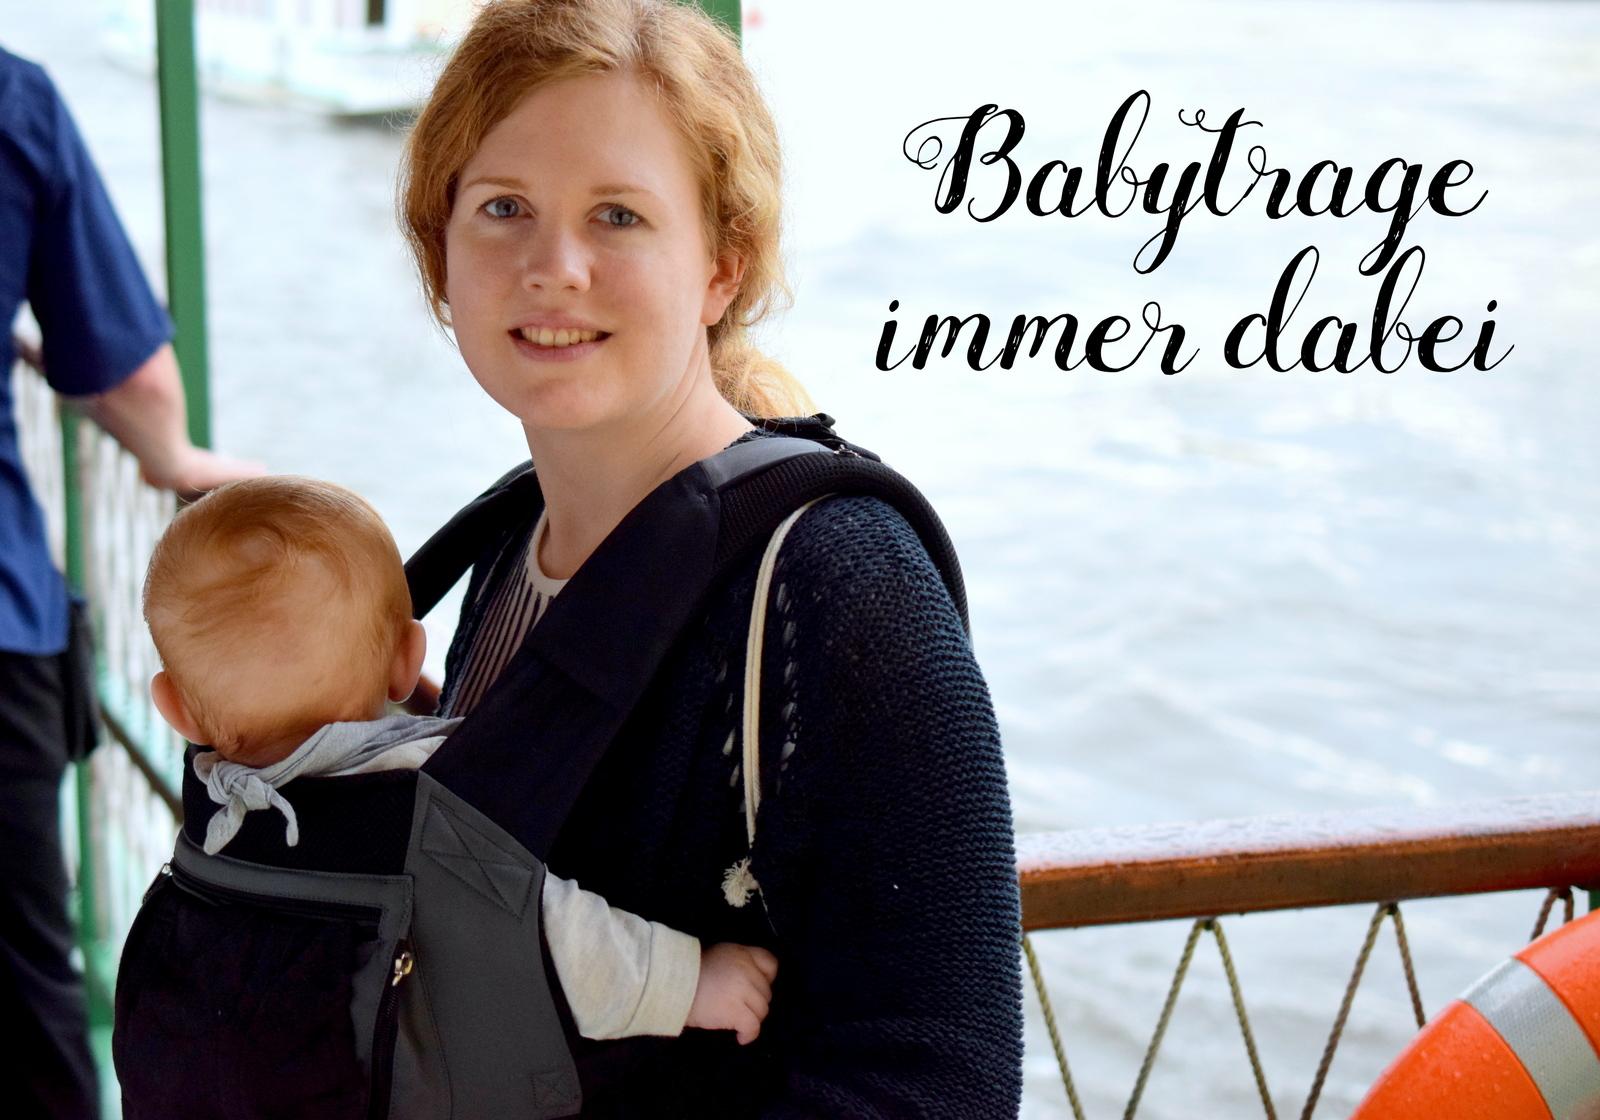 Verreisen mit Baby ist mit einer Babytrage im Gepäck entspannter wenn das Baby nicht mehr im Kinderwagen sitzen will und die Eltern es nicht die ganze Zeit tragen möchten.